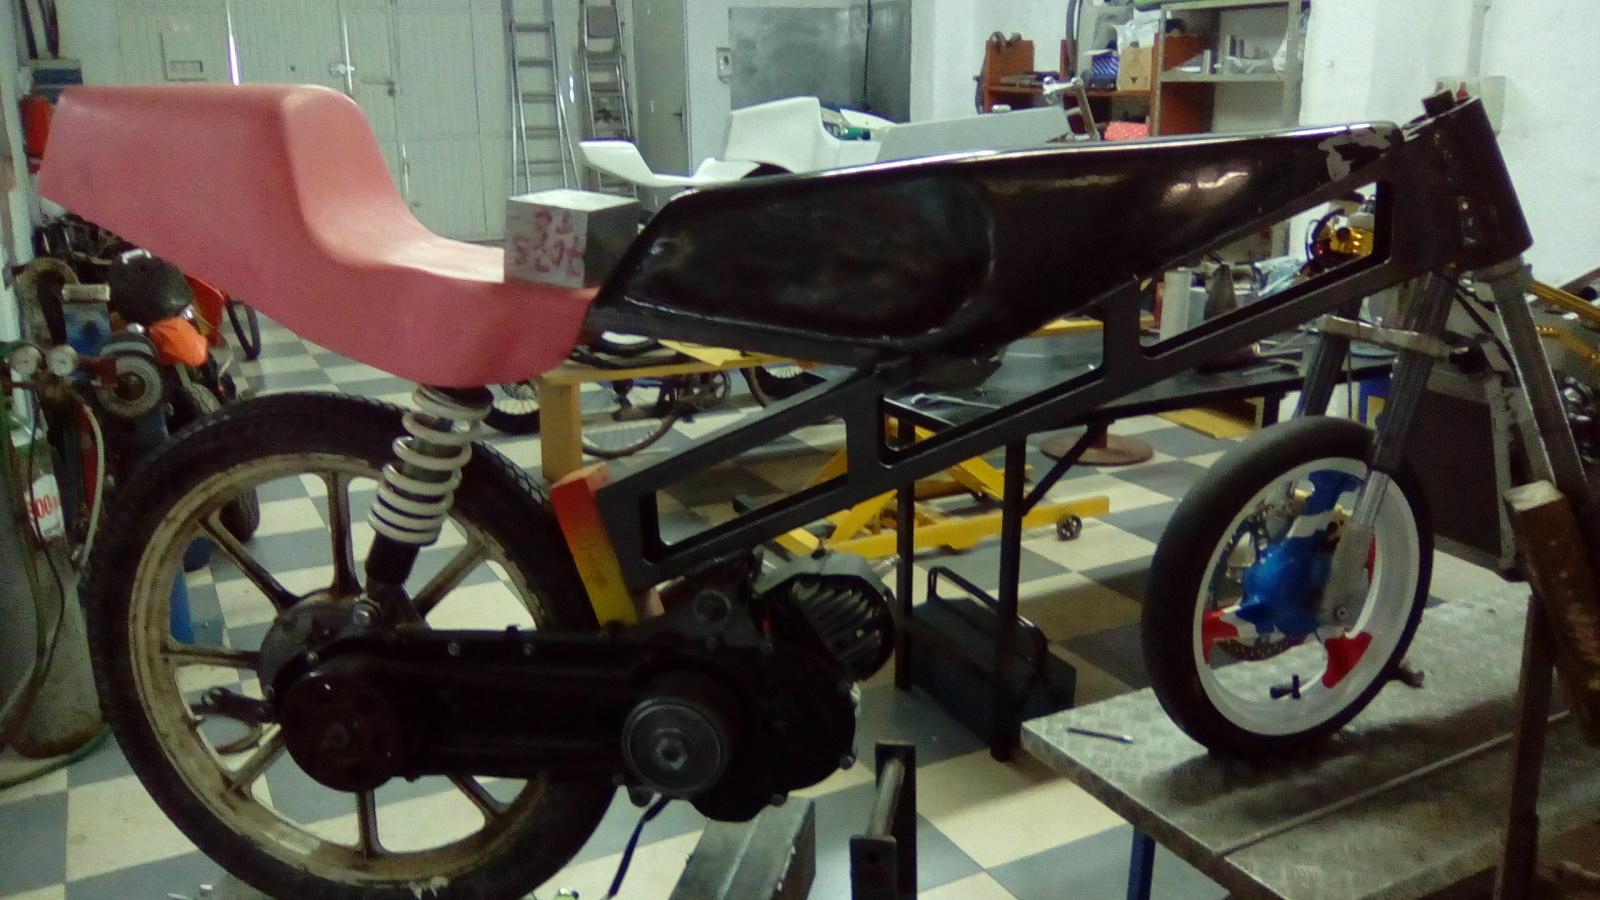 Proyecto Vespino de 65 cc. de Velocidad. - Página 4 2m7urgn